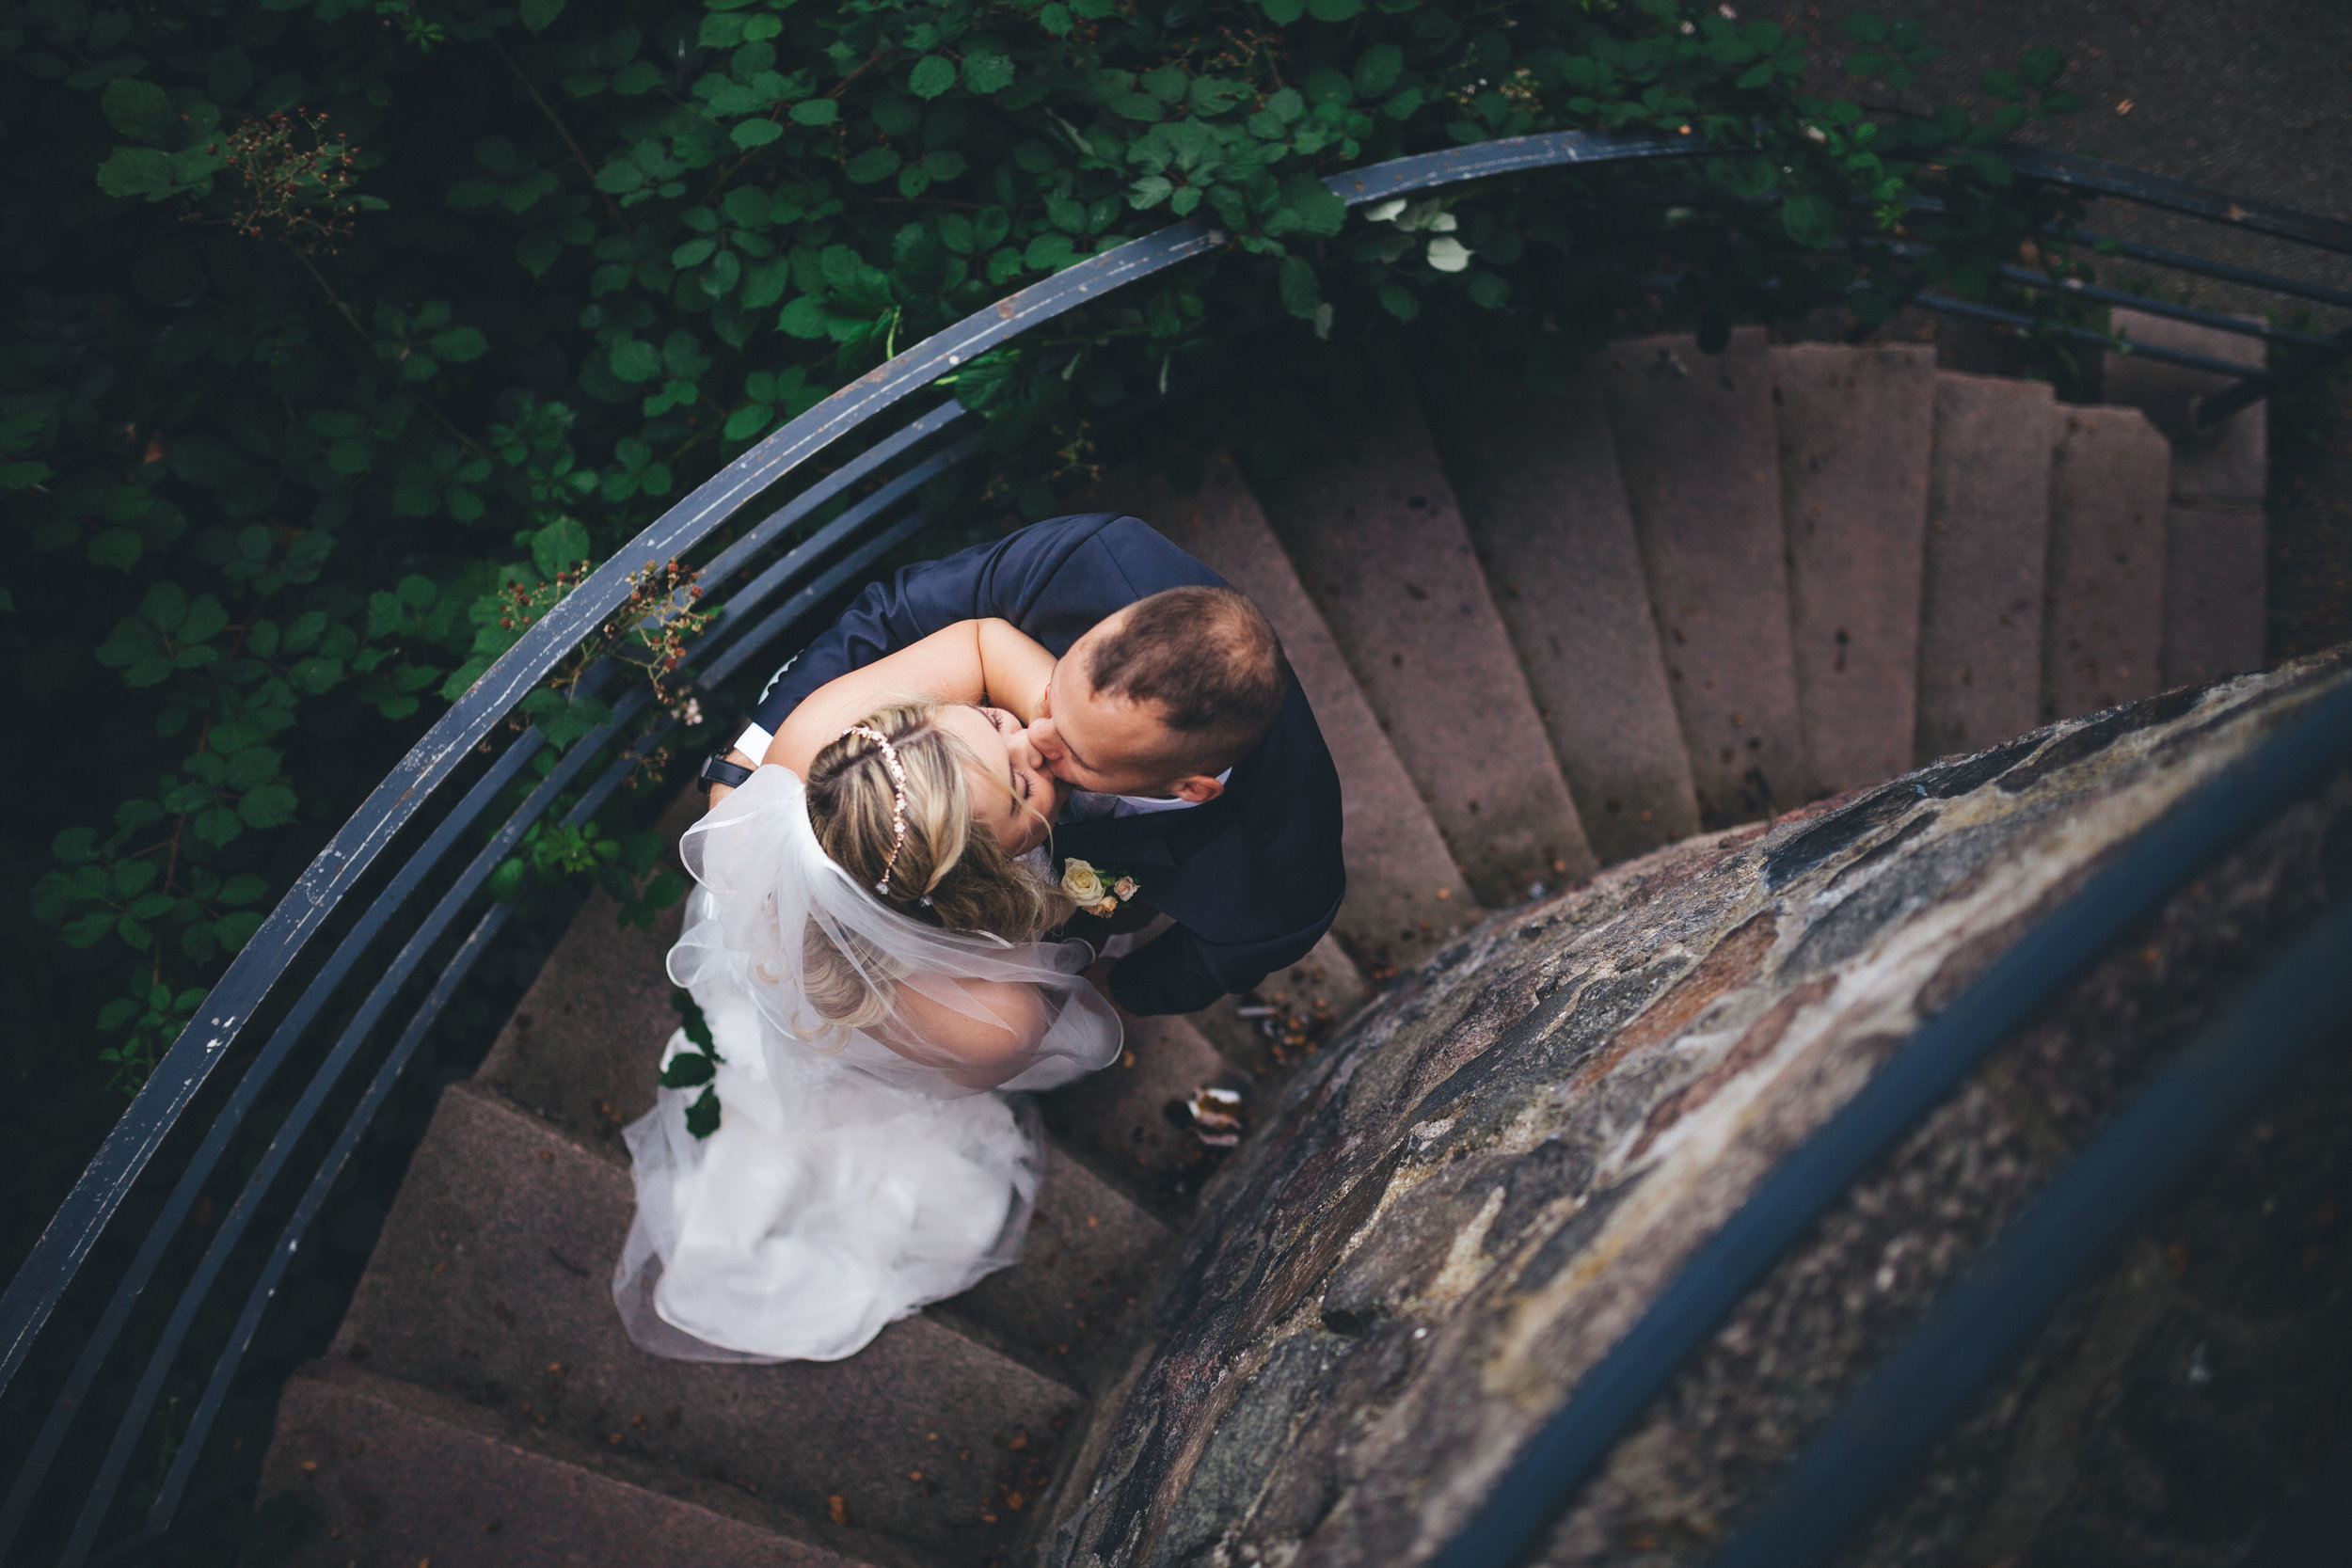 Ein Hochzeitspaar gibt sich auf einer Wendetreppe im Wald einen Kuss. Fotografiert von Oben bei einer Hochzeit von Phil Schreyer